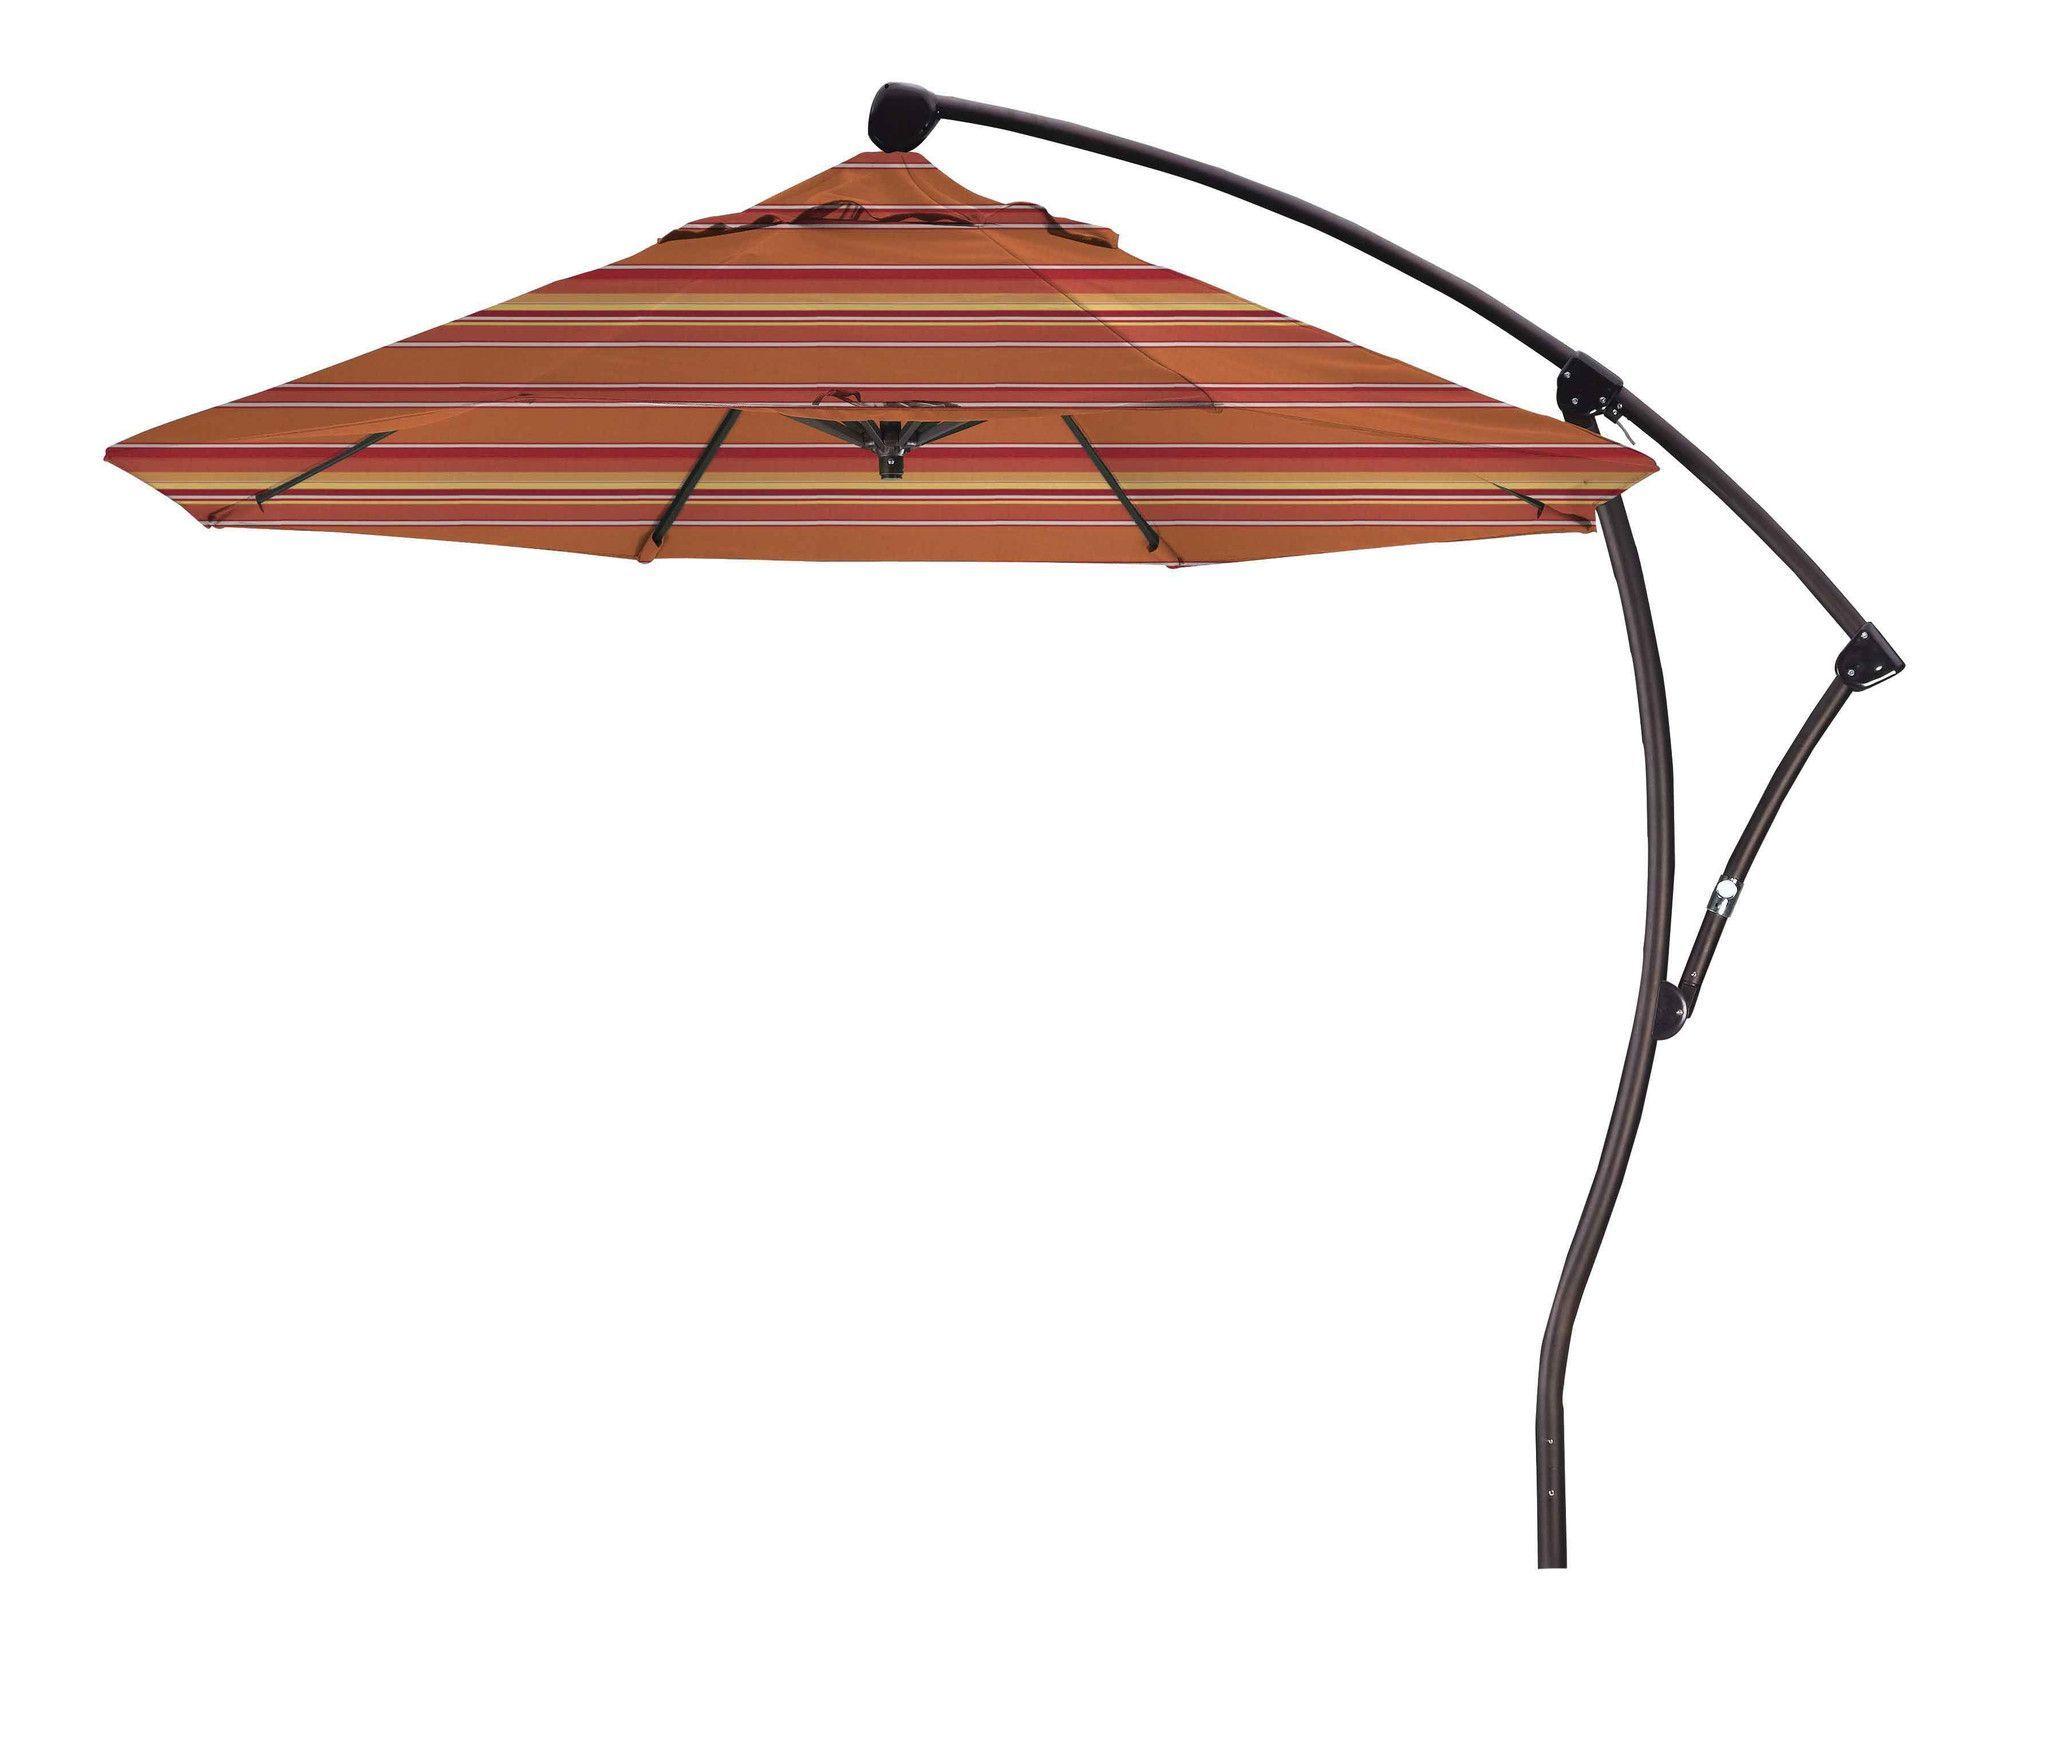 Foot BA Cantilever Umbrella Cantilever Umbrella And Products - Coolaroo 10 foot round cantilever freestanding patio umbrella mocha